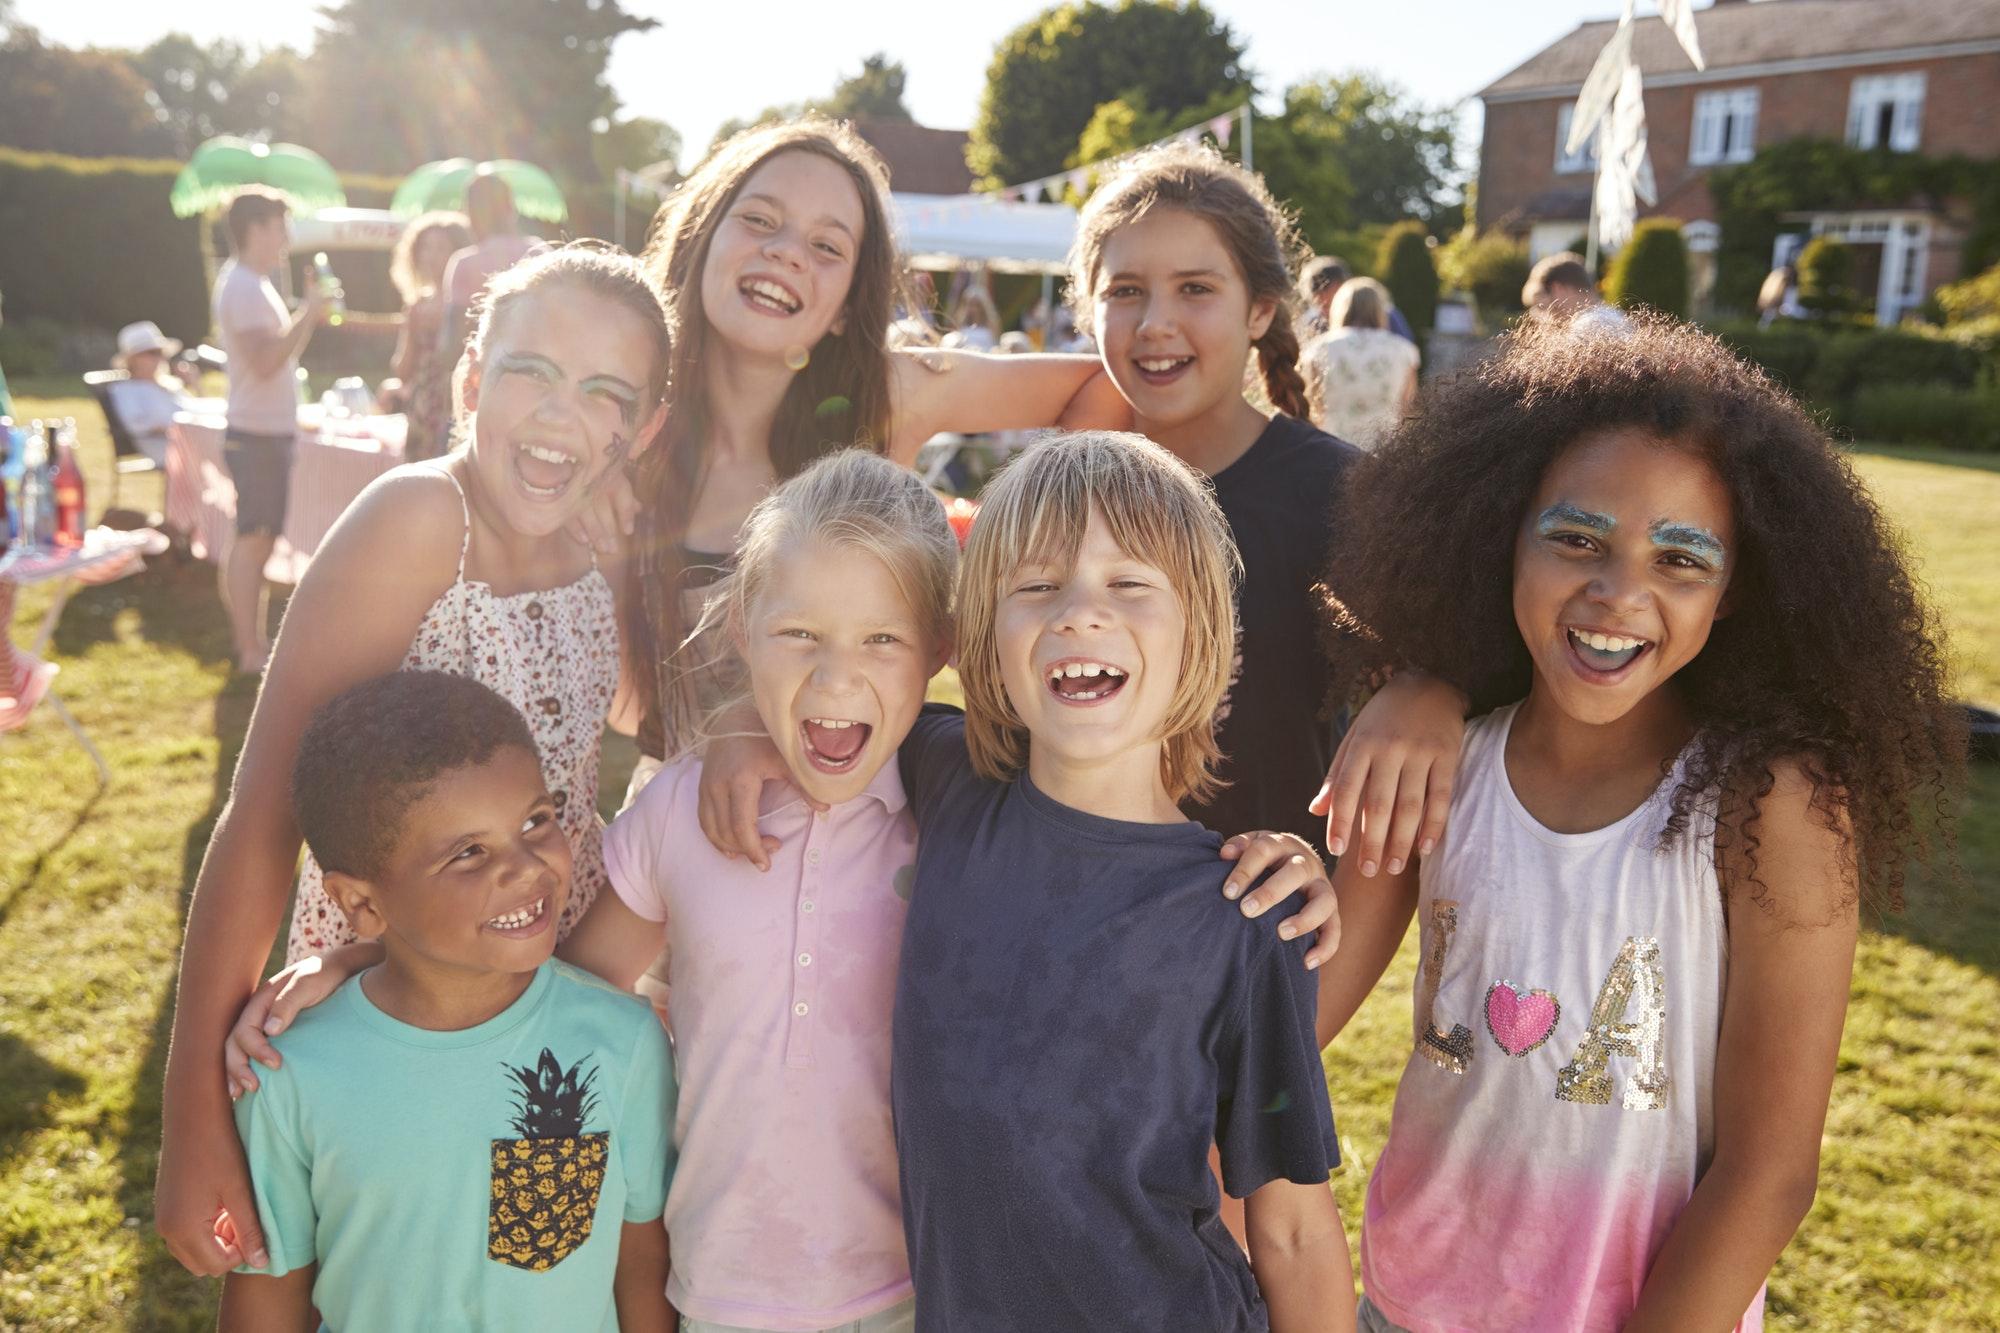 Portrait Of Excited Children At Summer Garden Fete